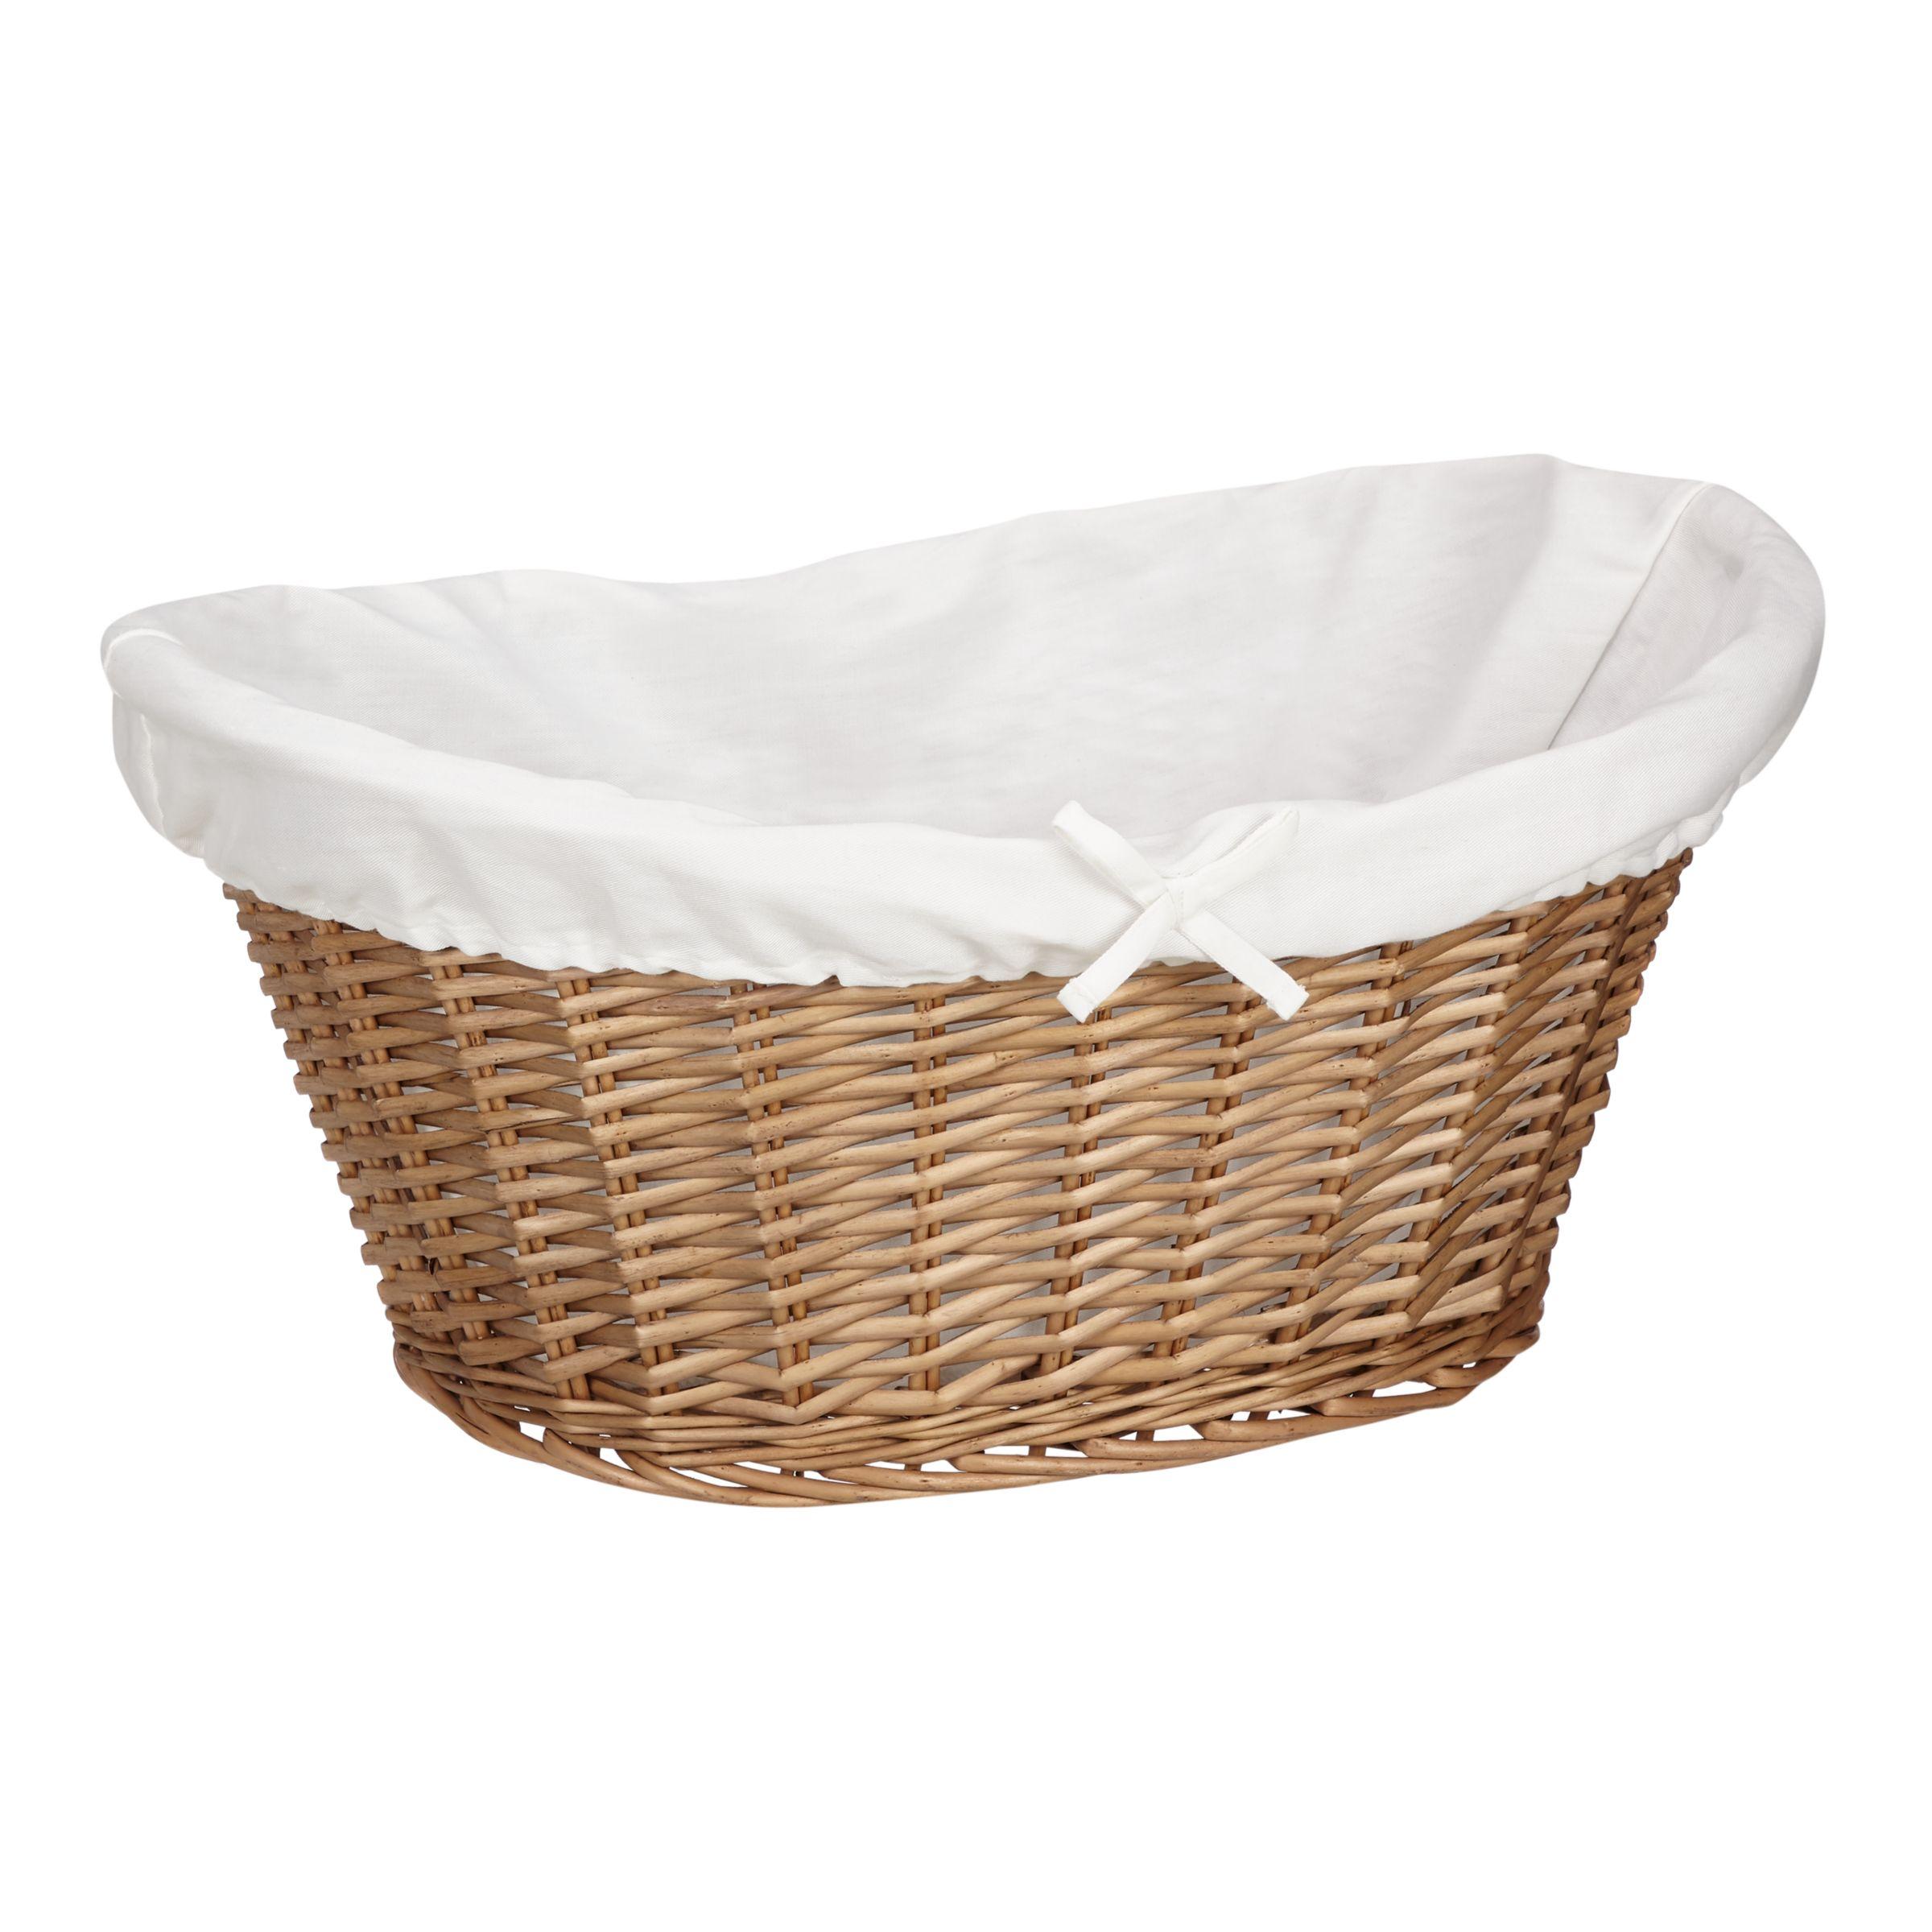 John Lewis & Partners Lined Oval Wicker Laundry Basket